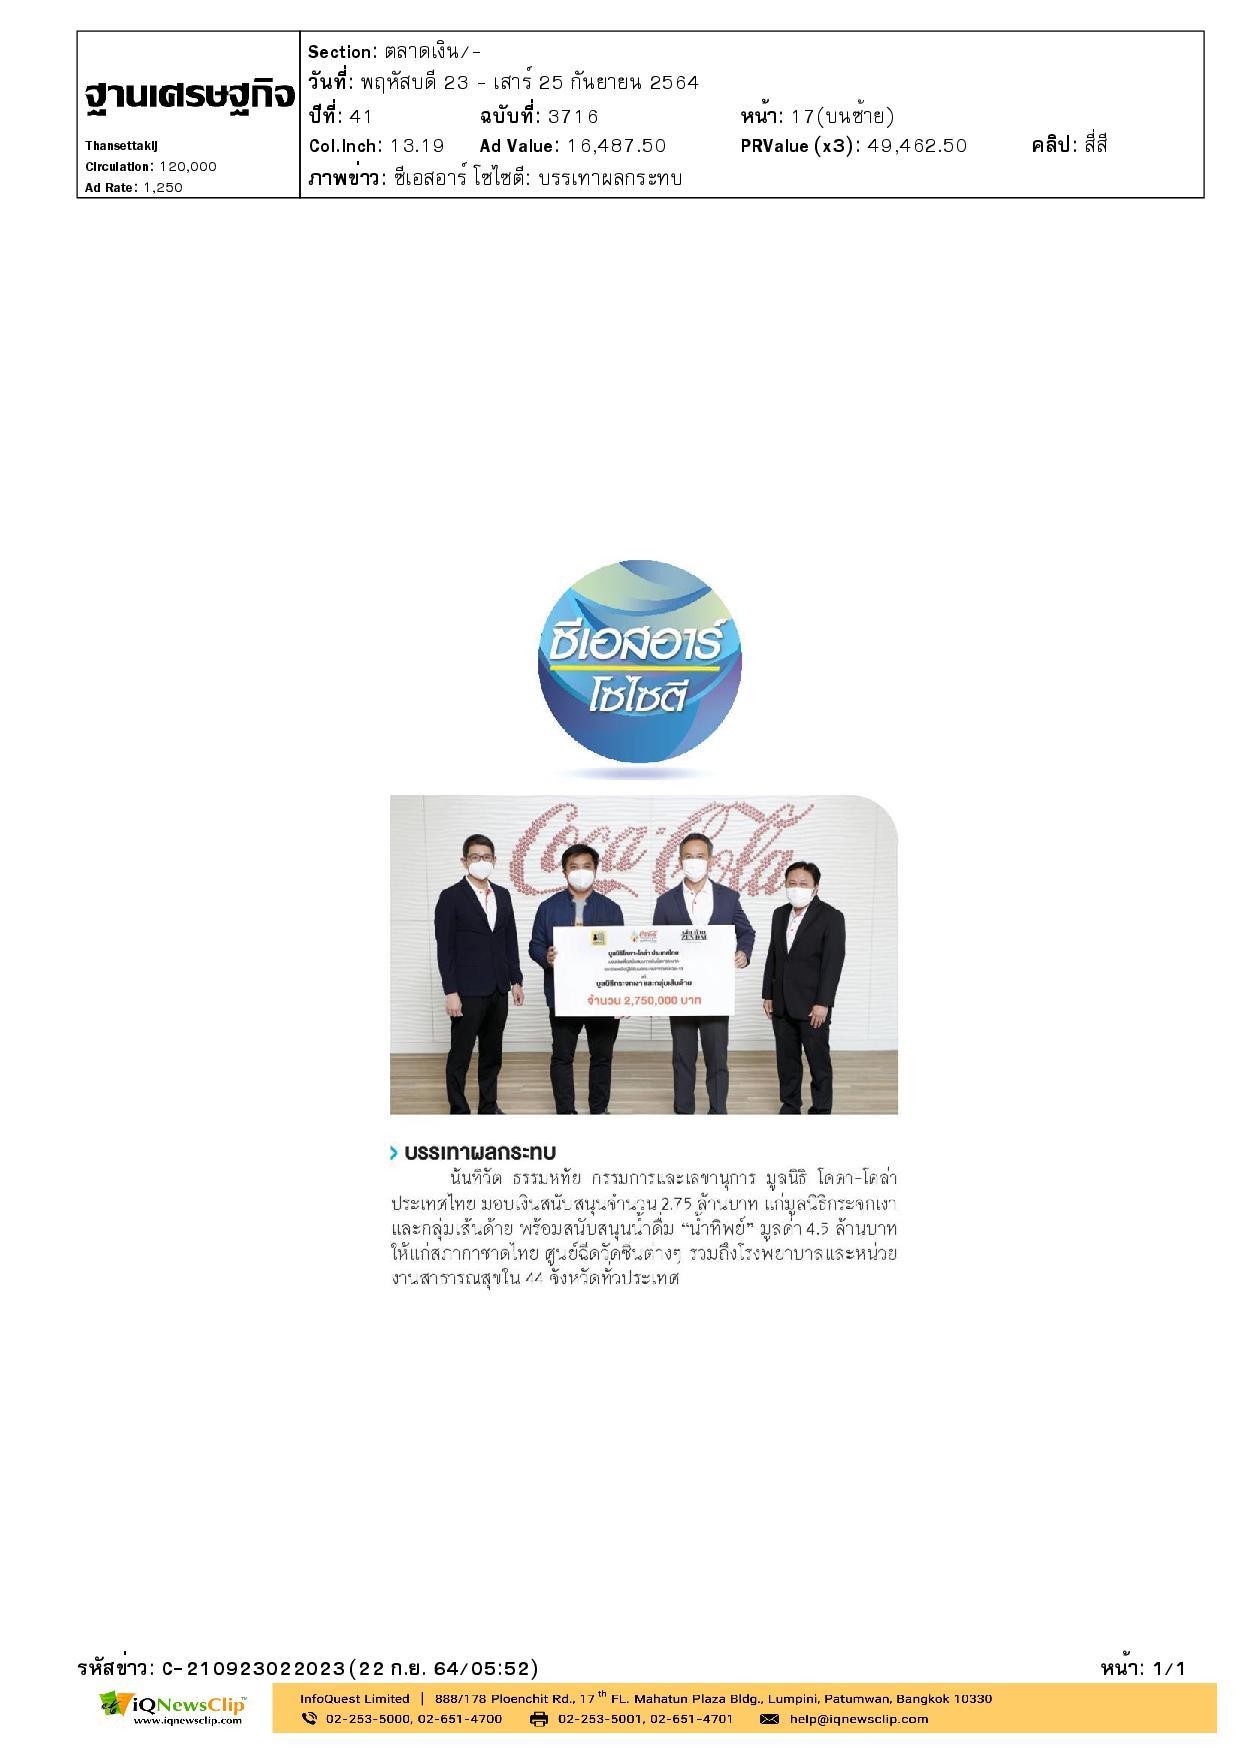 มูลนิธิโคคา-โคล่า ประเทศไทย มอบเงินพร้อมน้ำดื่มสนับสนุนสภากาชาดไทย